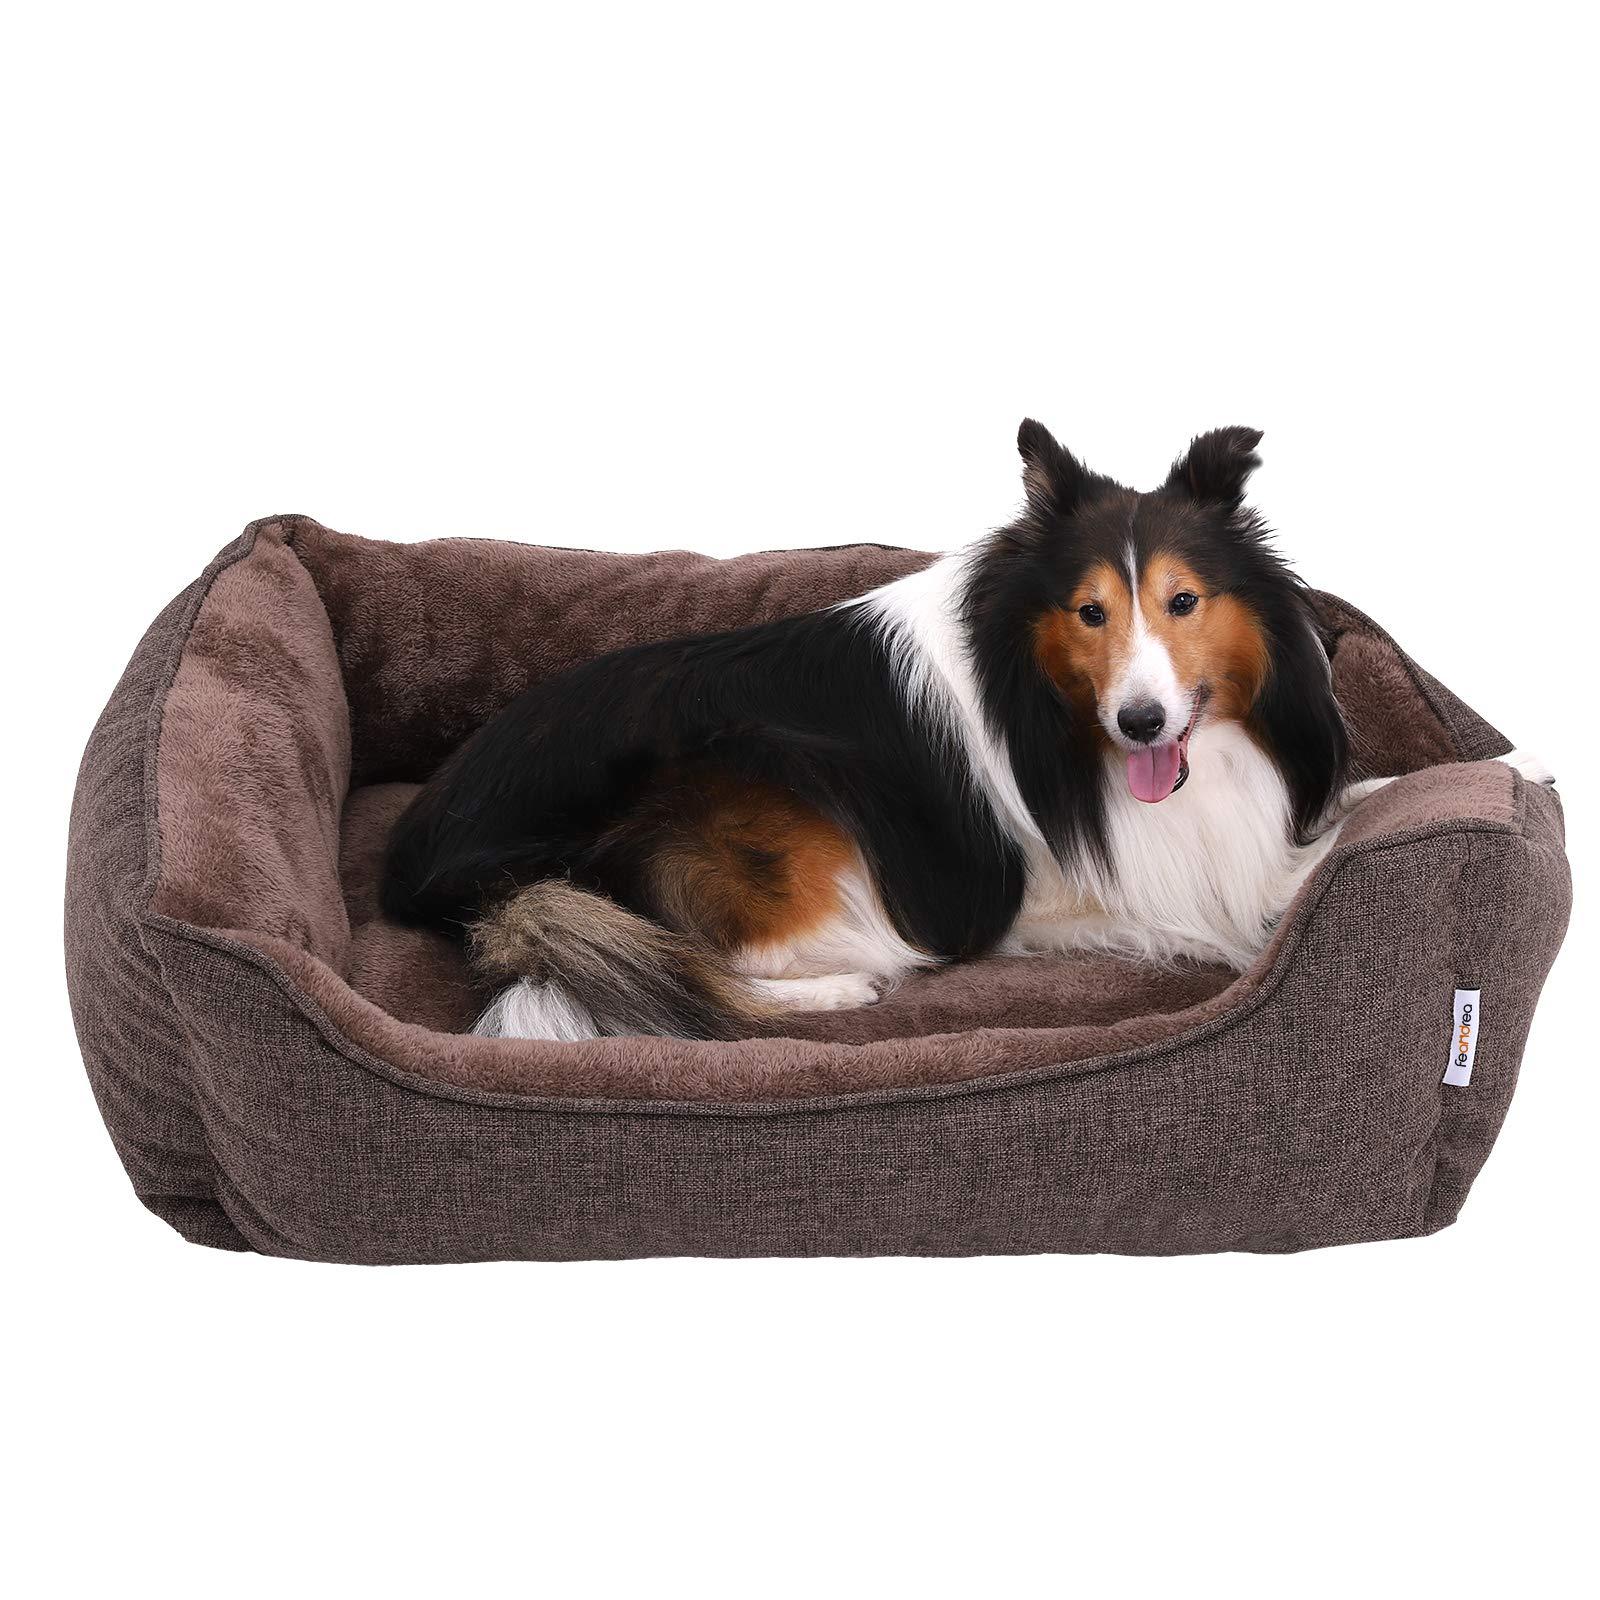 FEANDREA Cama para Perros, Sofá para Perros, Cesta para Perro Desmontable y Lavable a